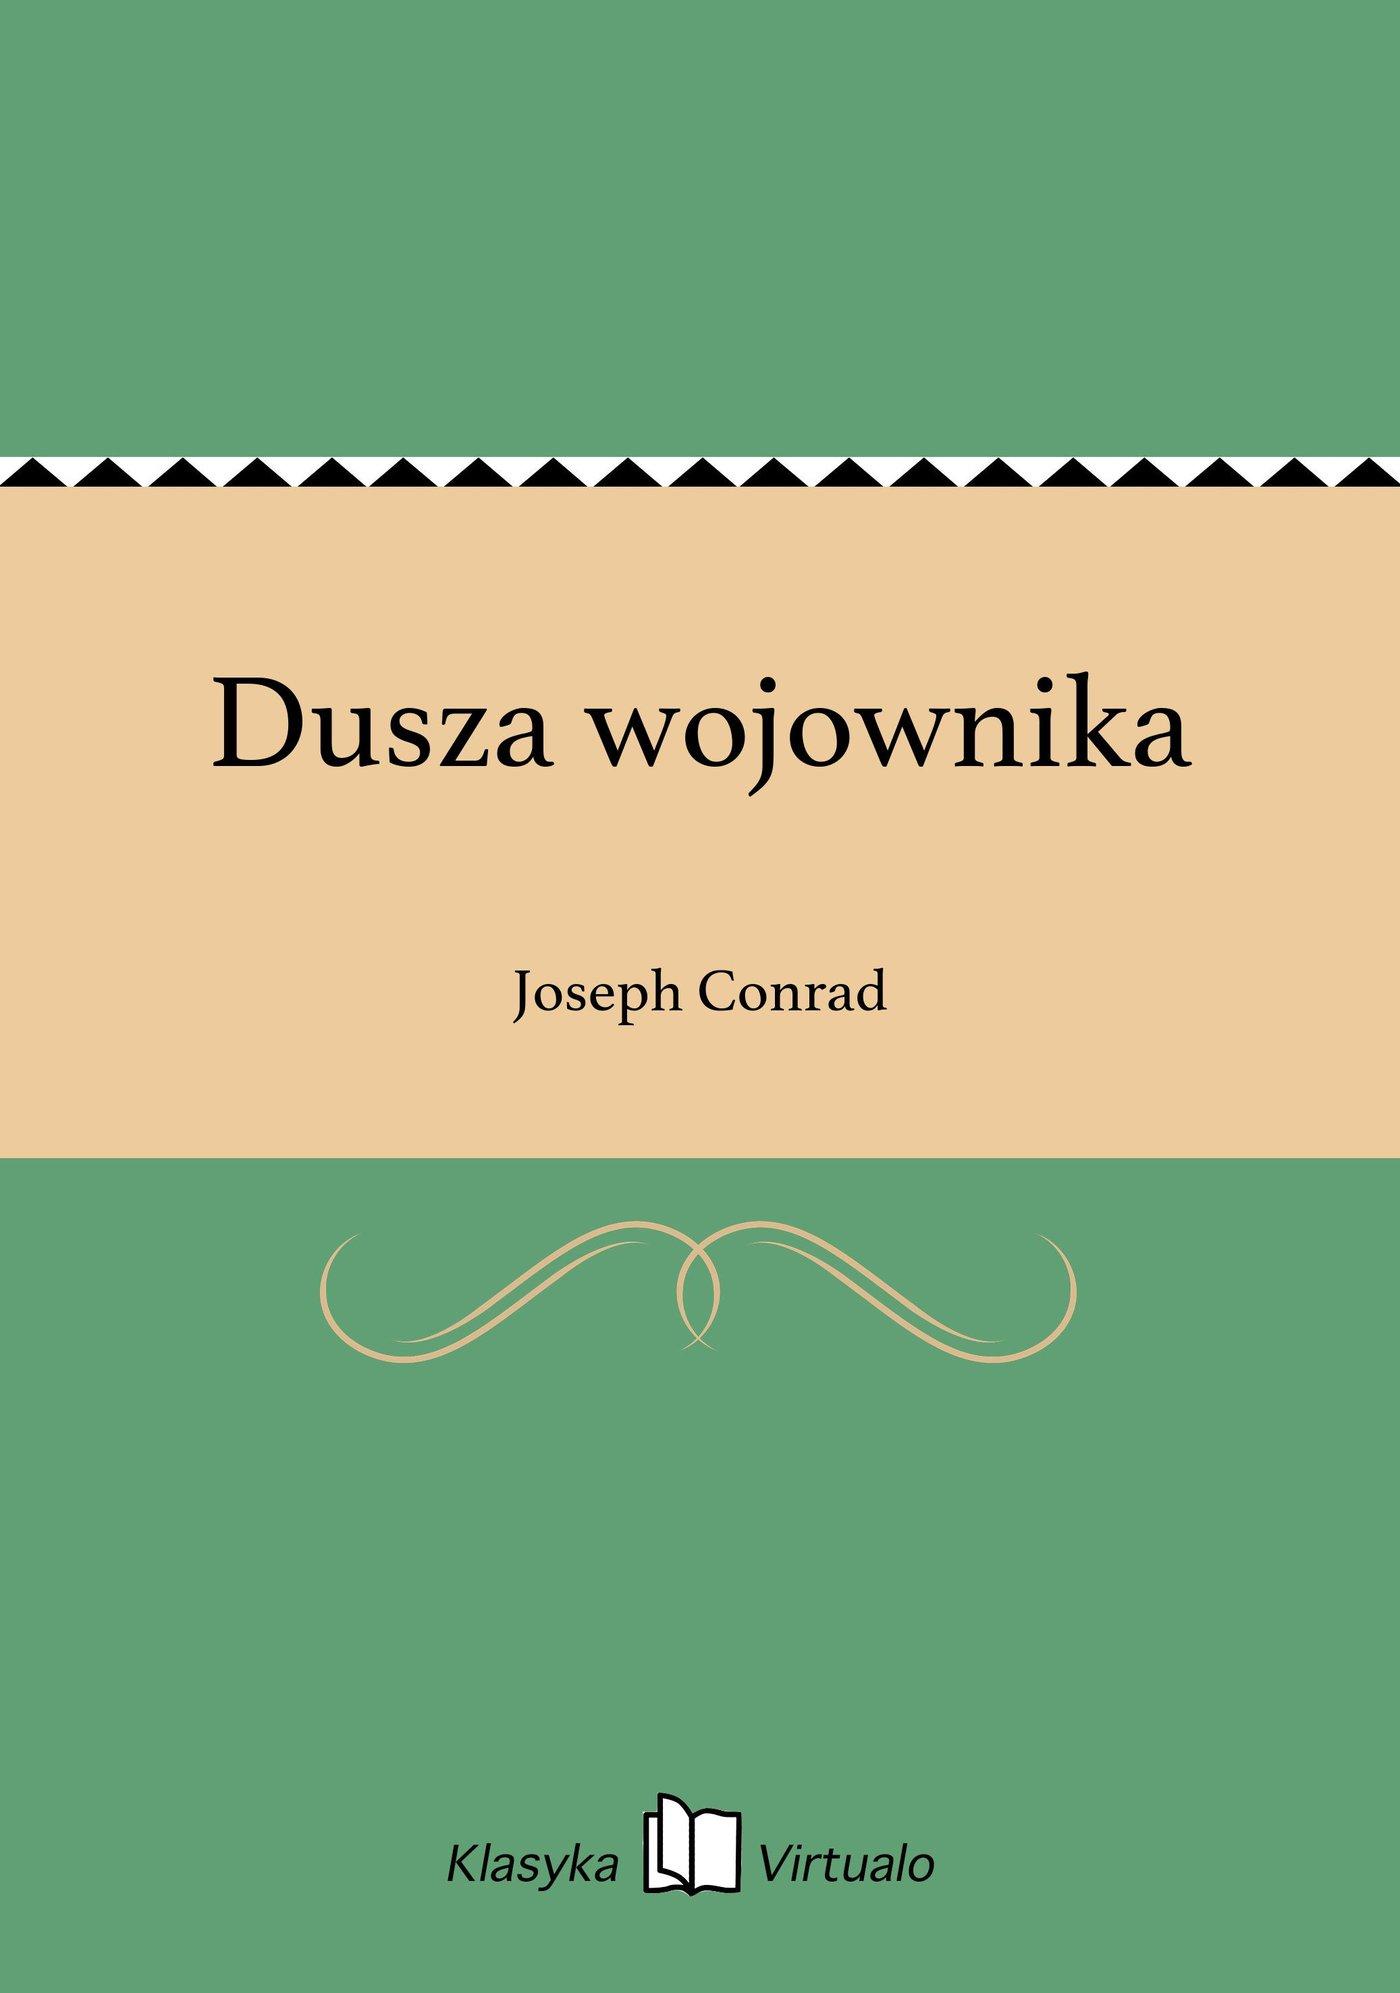 Dusza wojownika - Ebook (Książka na Kindle) do pobrania w formacie MOBI